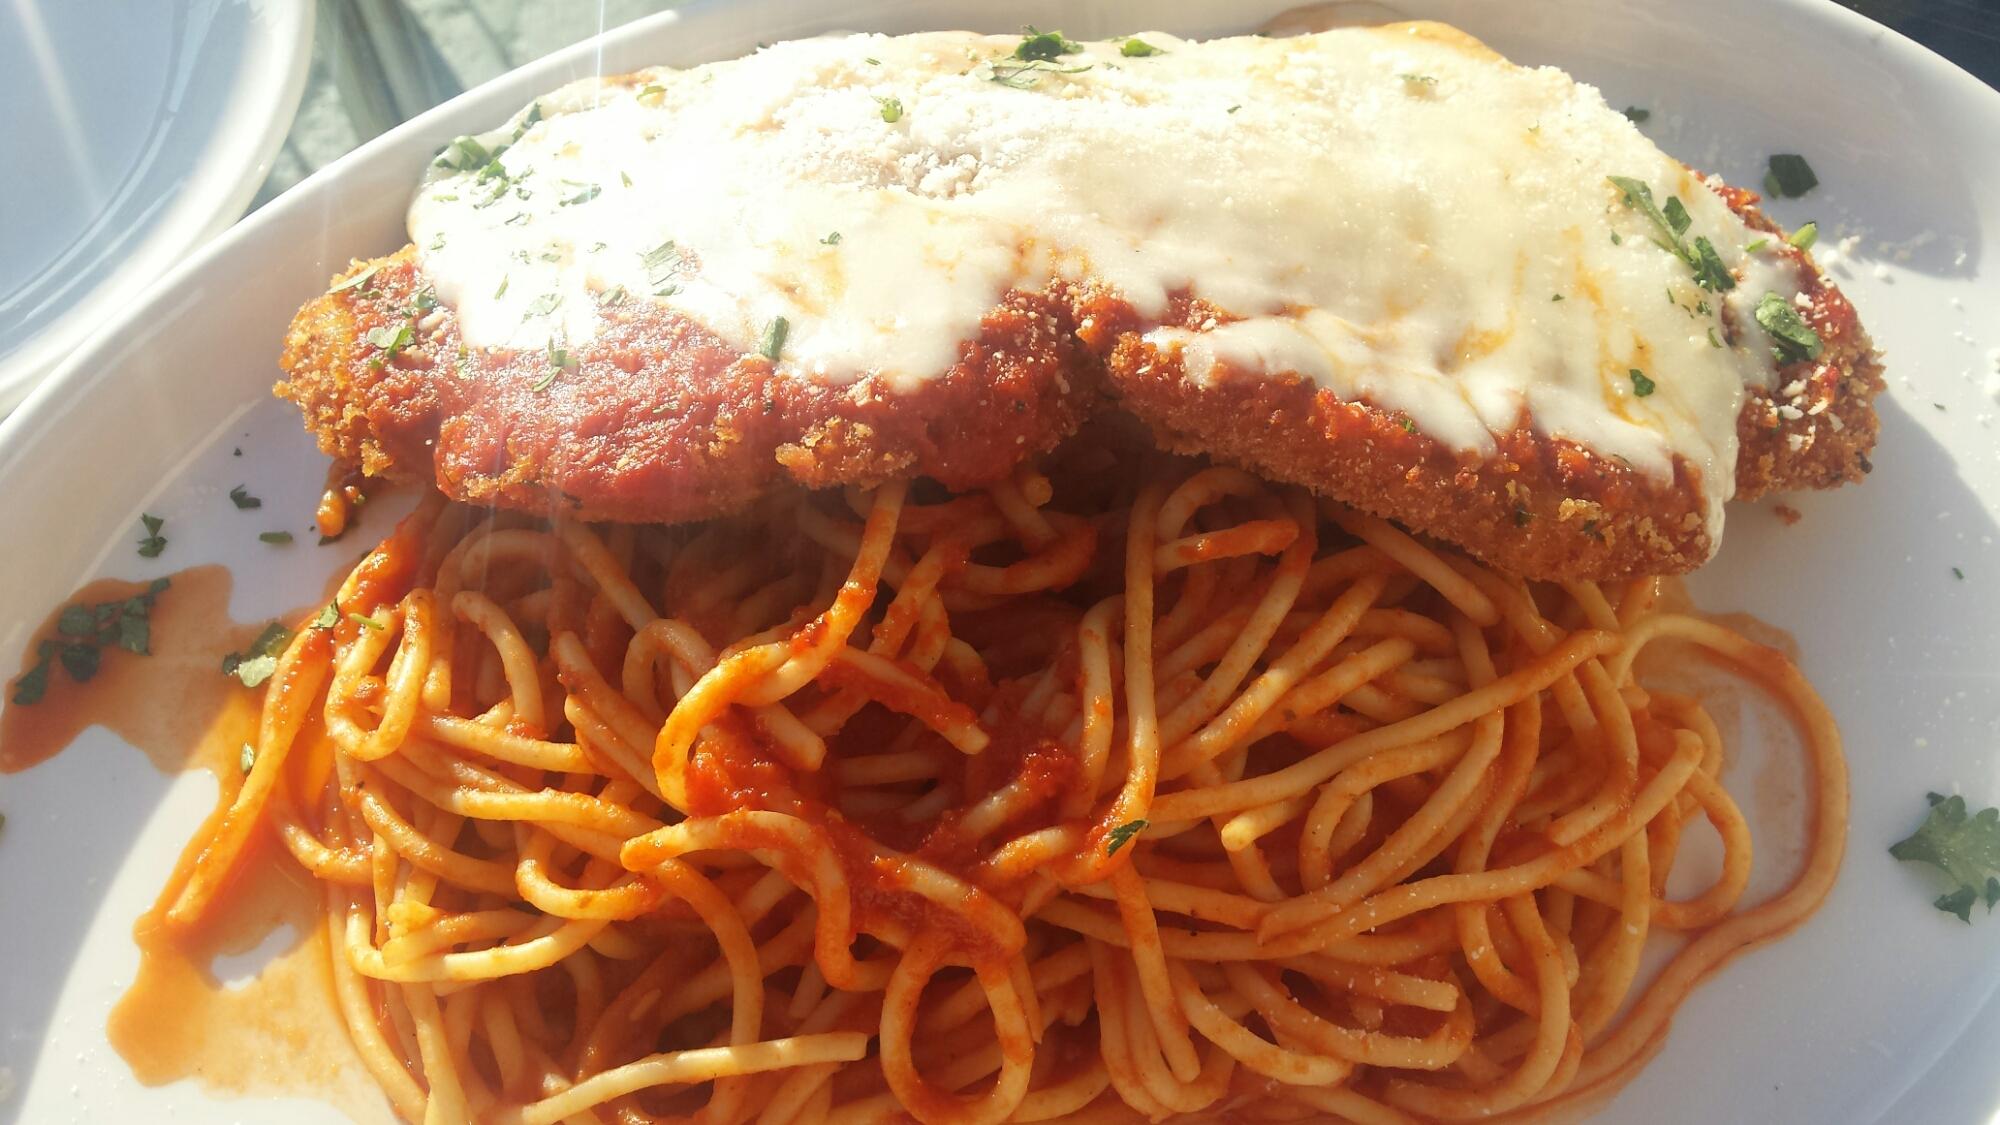 Pollo Parmigiana- Mary's organic chicken breast, lightly breaded, topped with meltedmozzarella, San Marzano marinara, served over spaghetti pomodoro